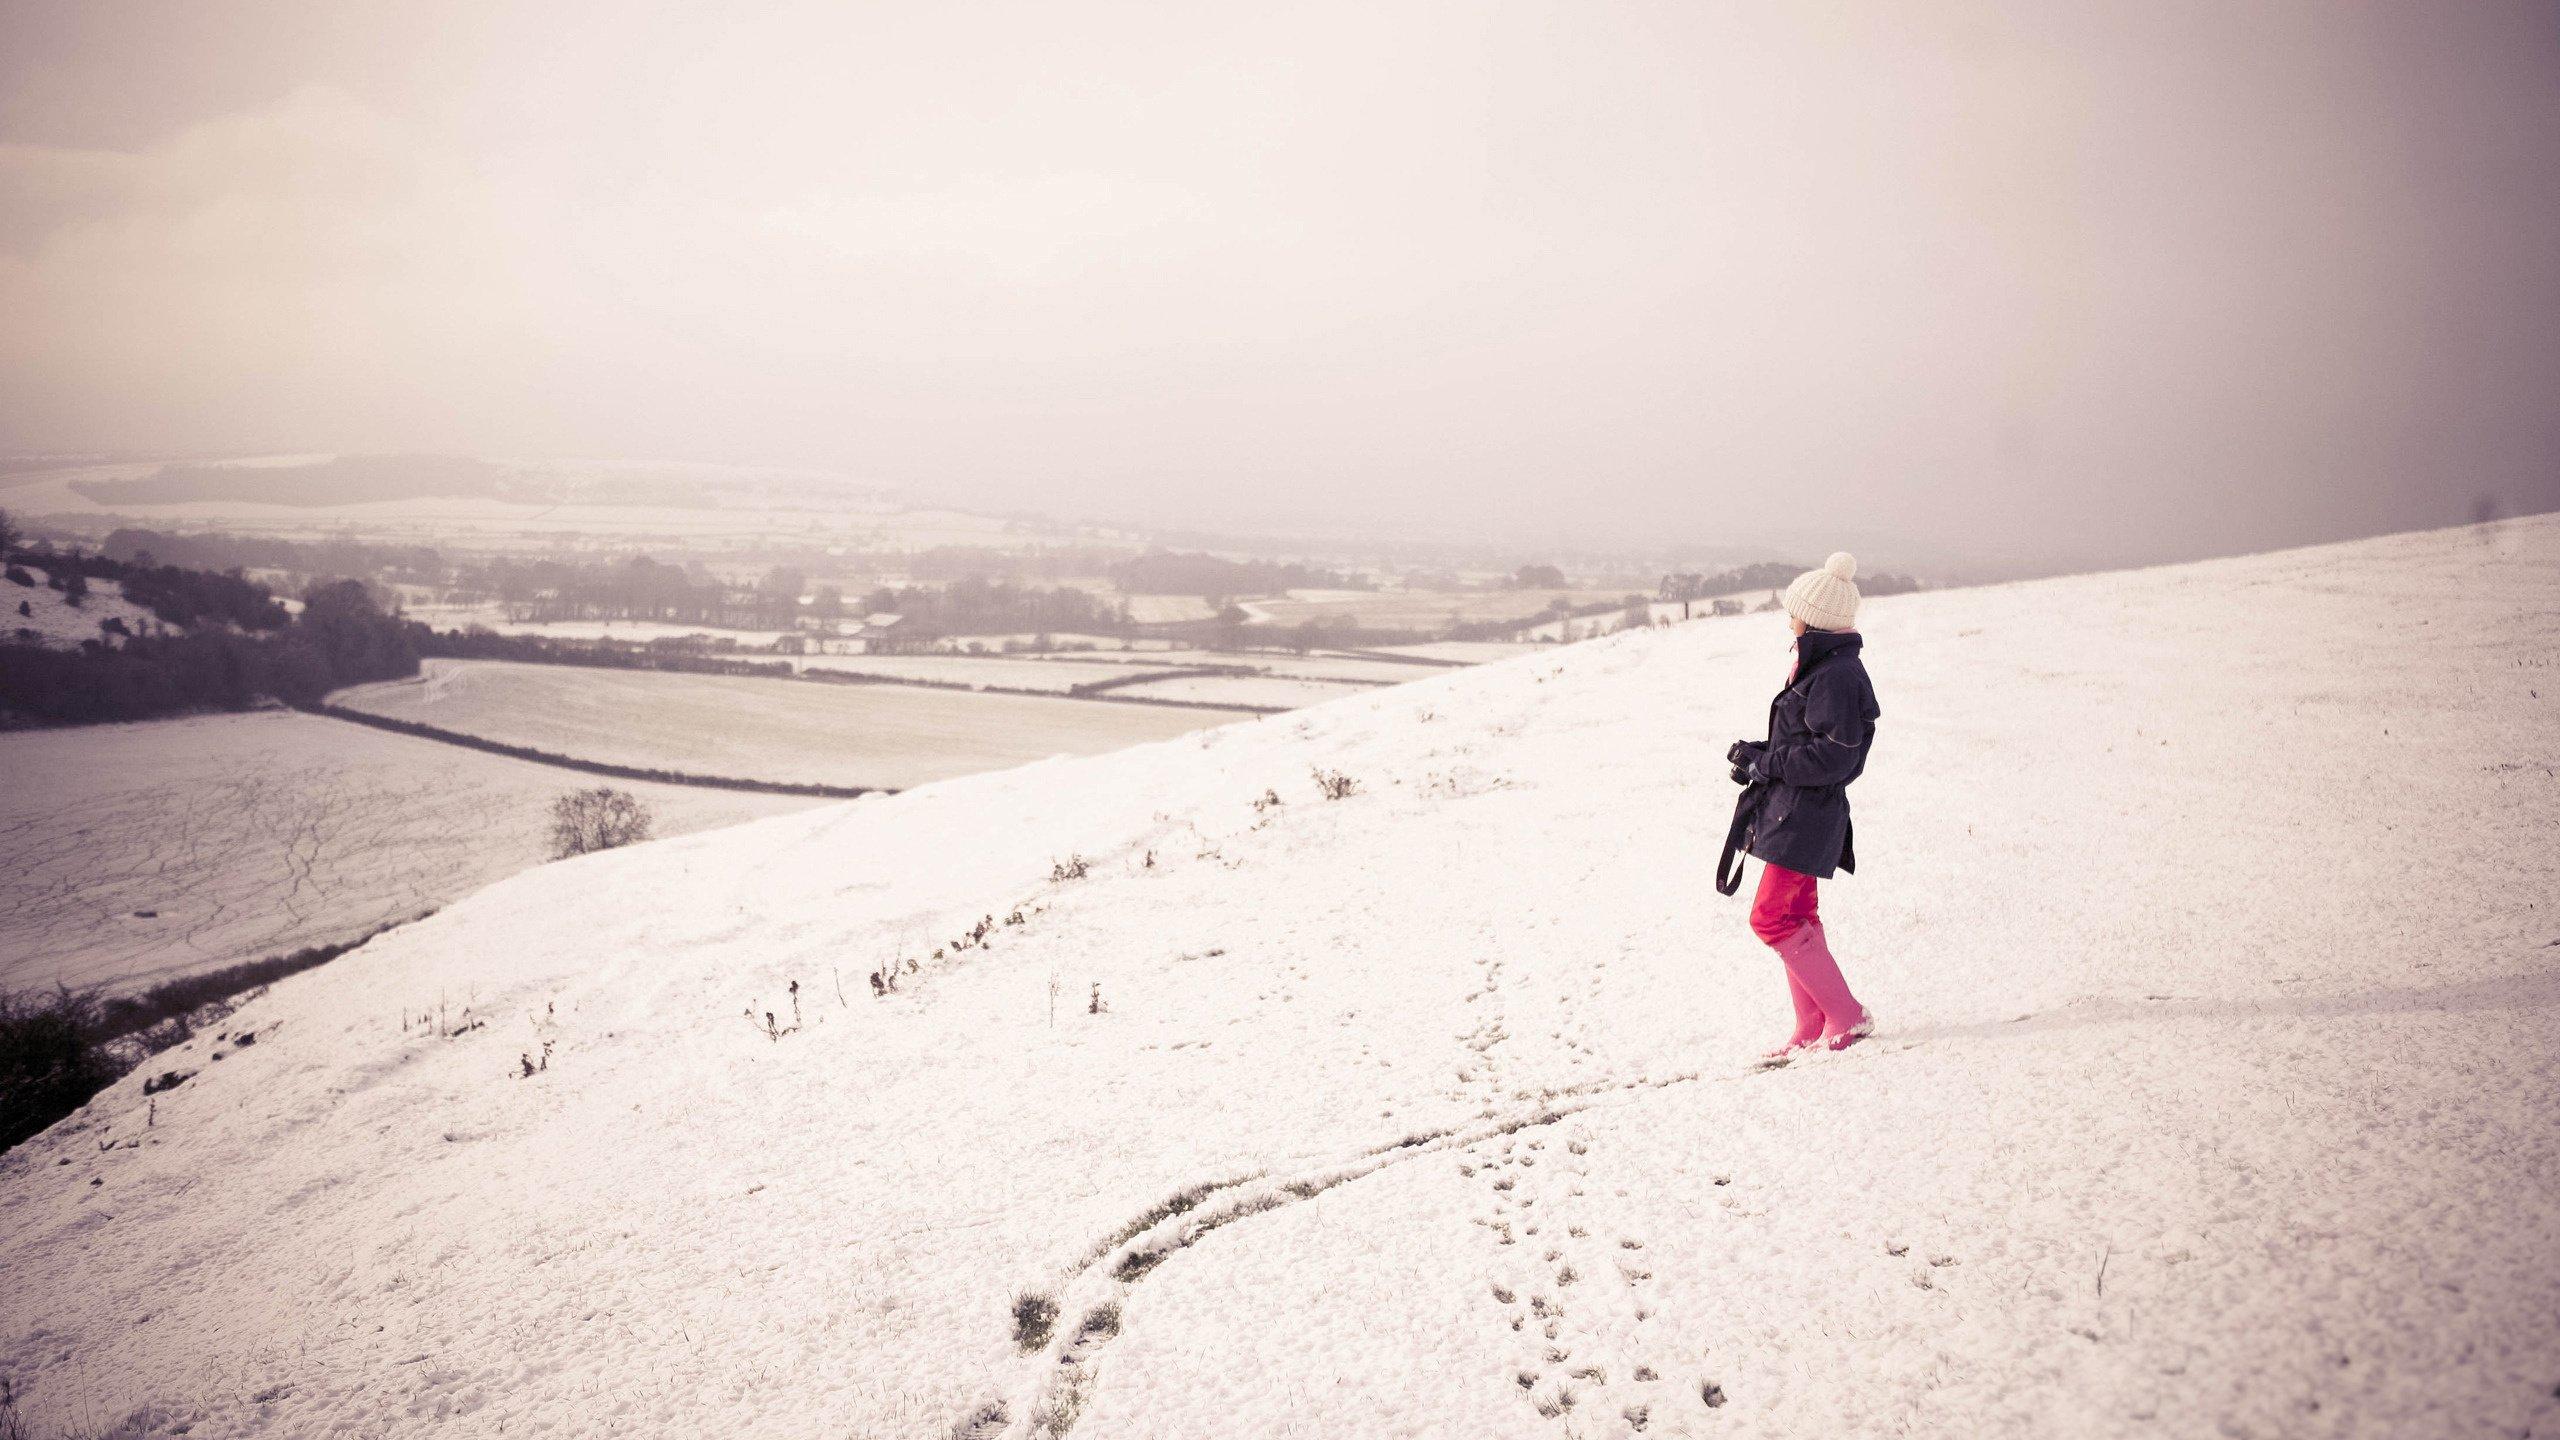 факту картинки человек в далеке зимой нём